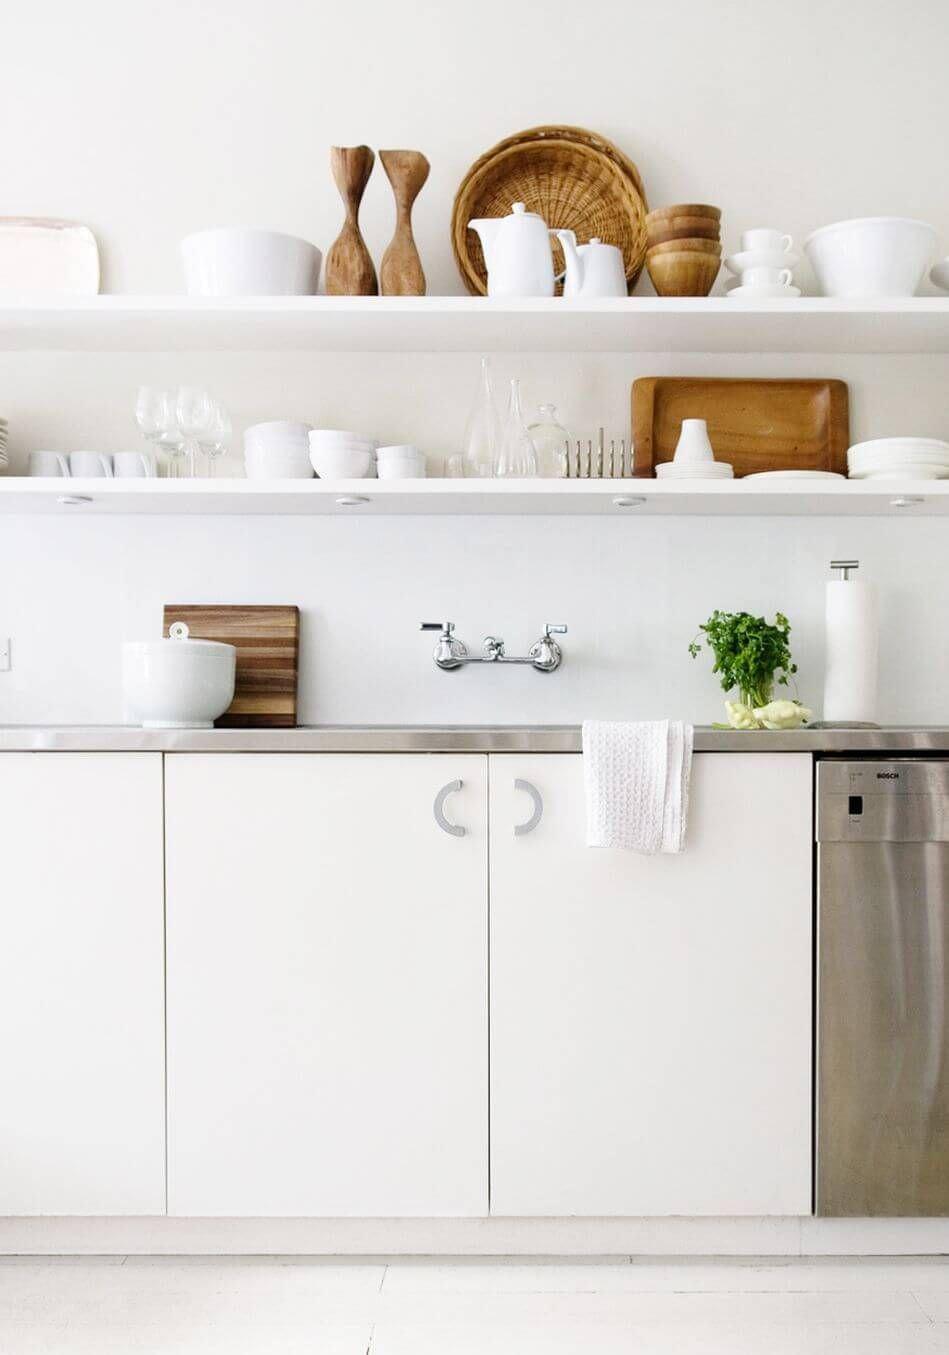 mutfak-acik-raf-duzenleme açık mutfak raflarınızı nasıl düzenleyebilirsiniz - mutfak acik raf duzenleme